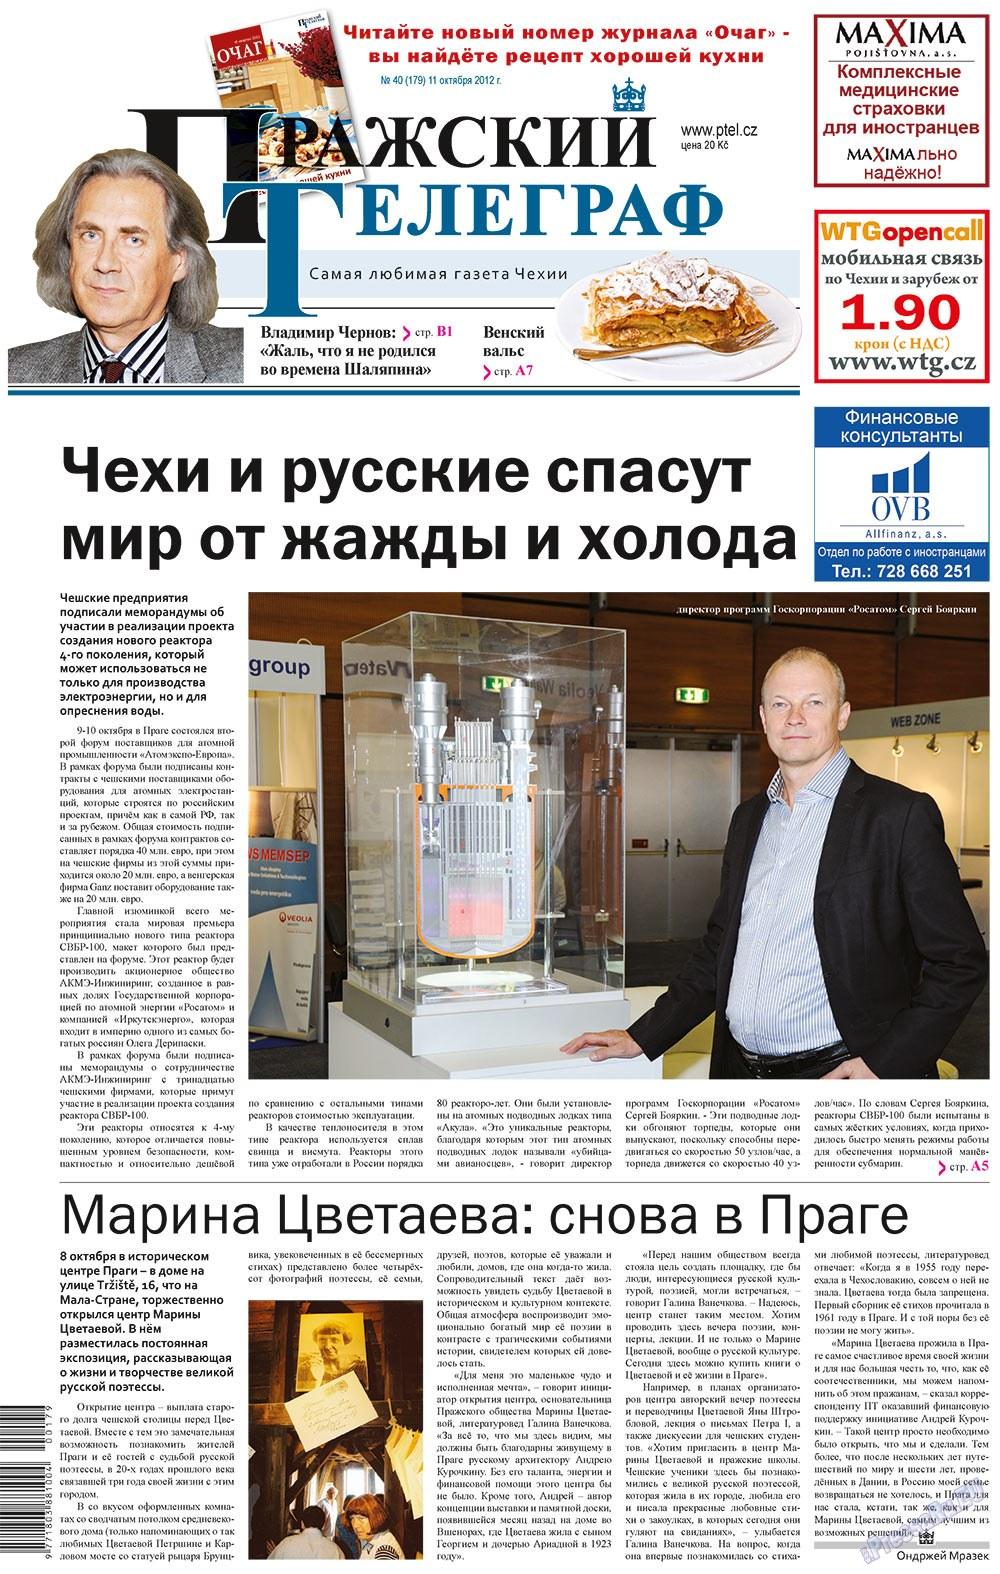 Пражский телеграф (газета). 2012 год, номер 40, стр. 1